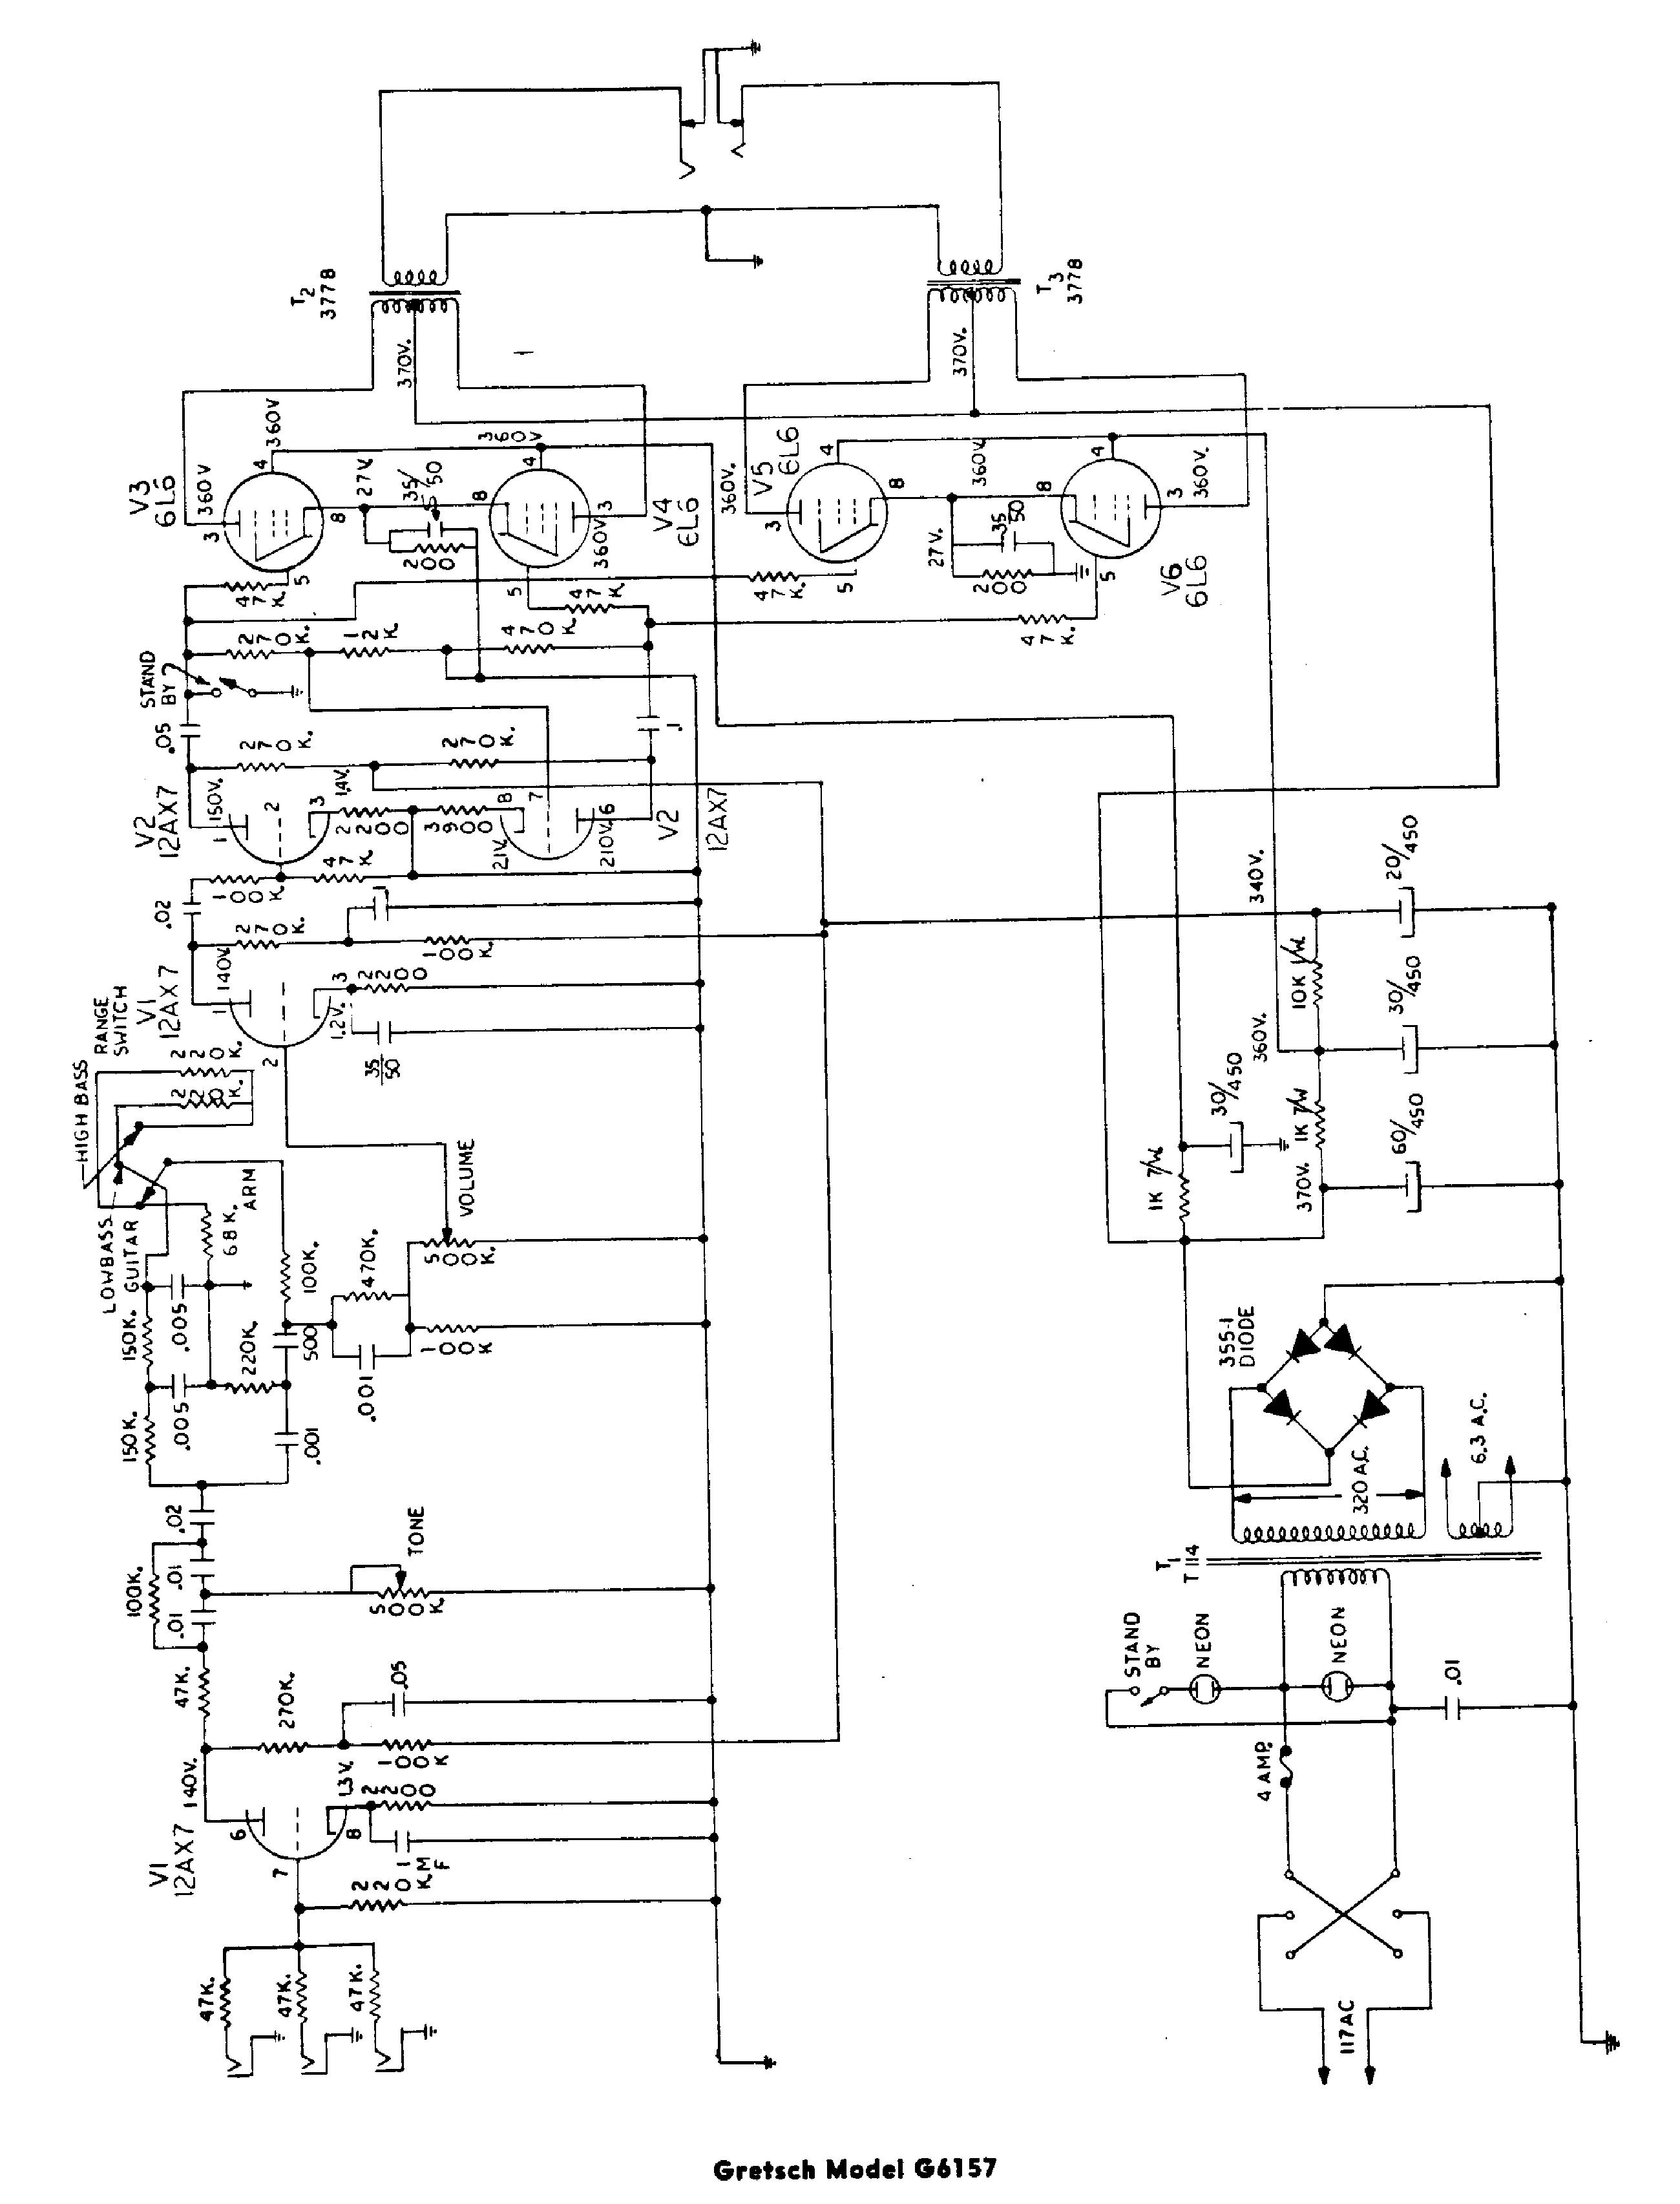 GRETSCH 6157 SCH service manual (1st page)